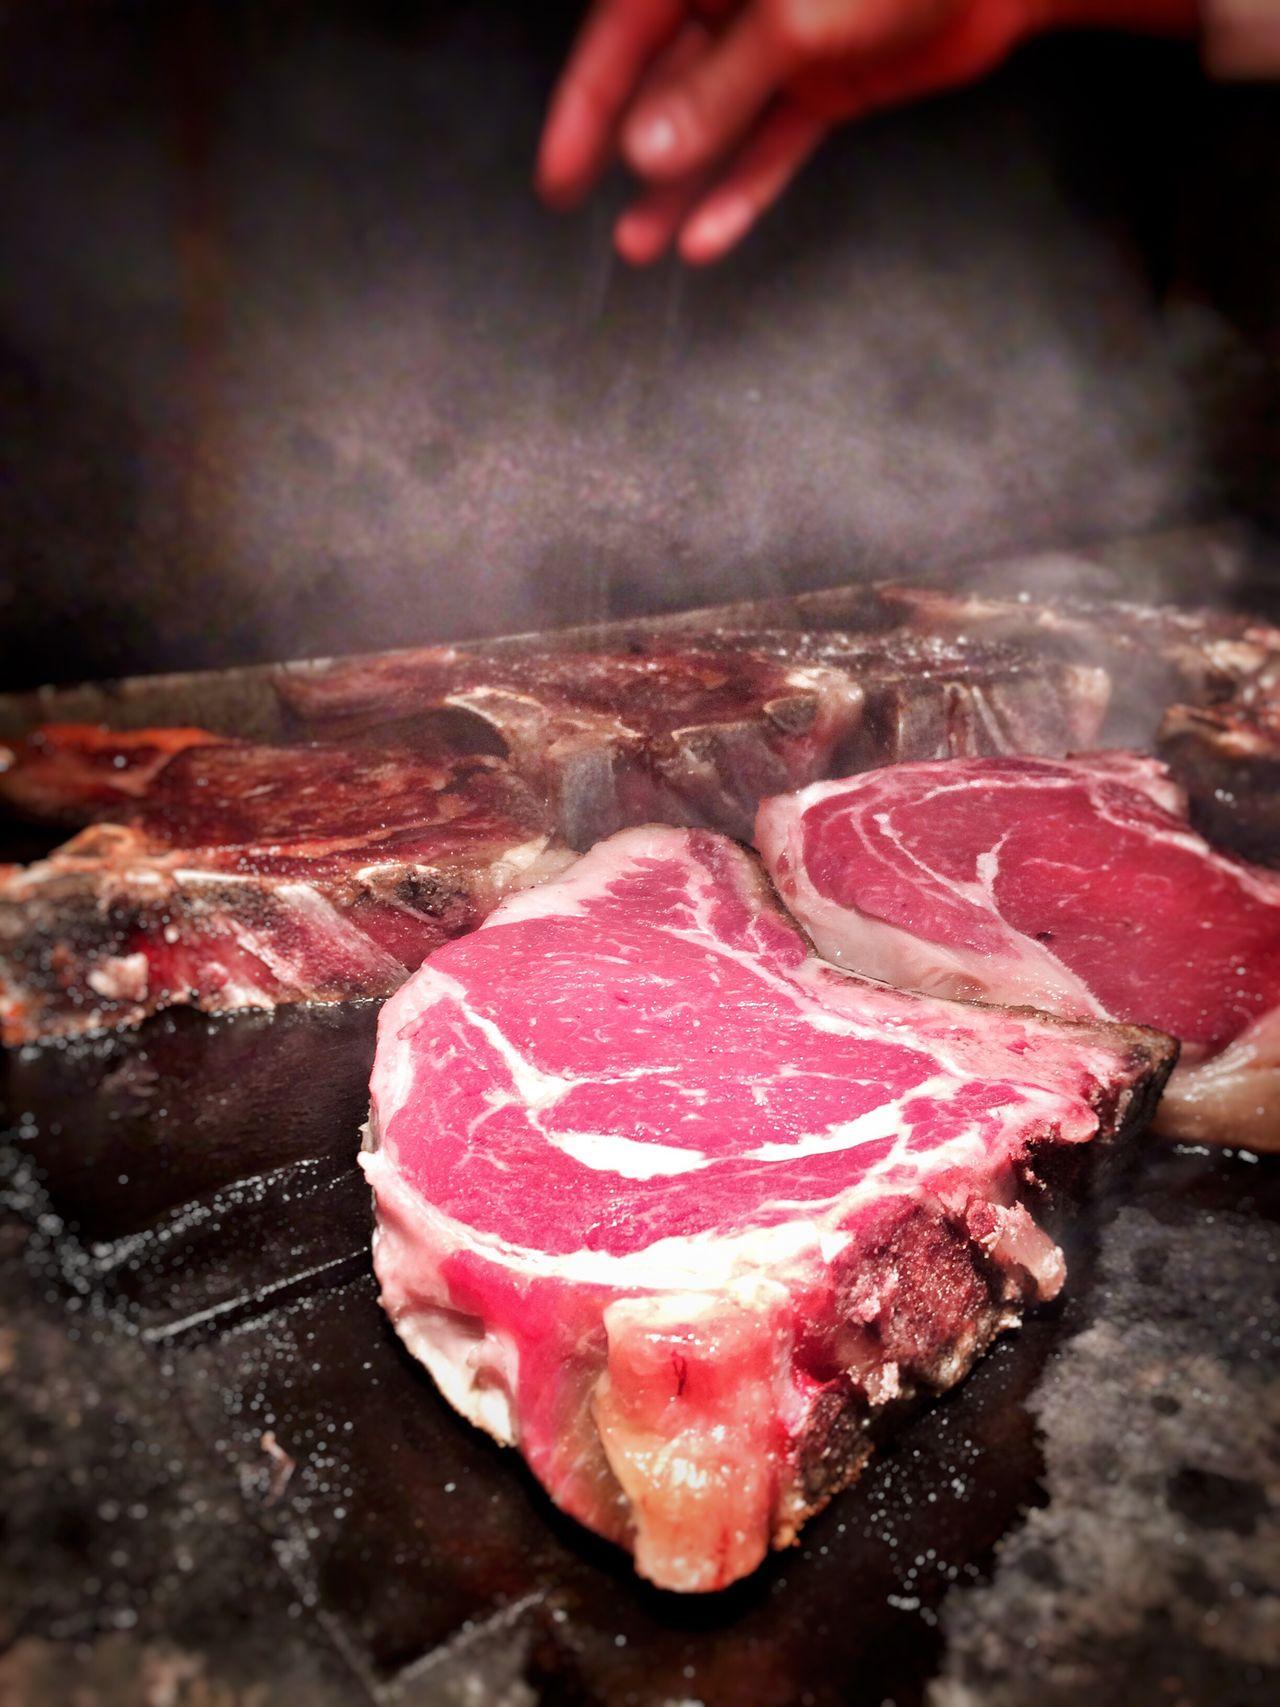 Food Foodporn Meat Tbonesteak Steaks BBQ Italian Food Italian Grill